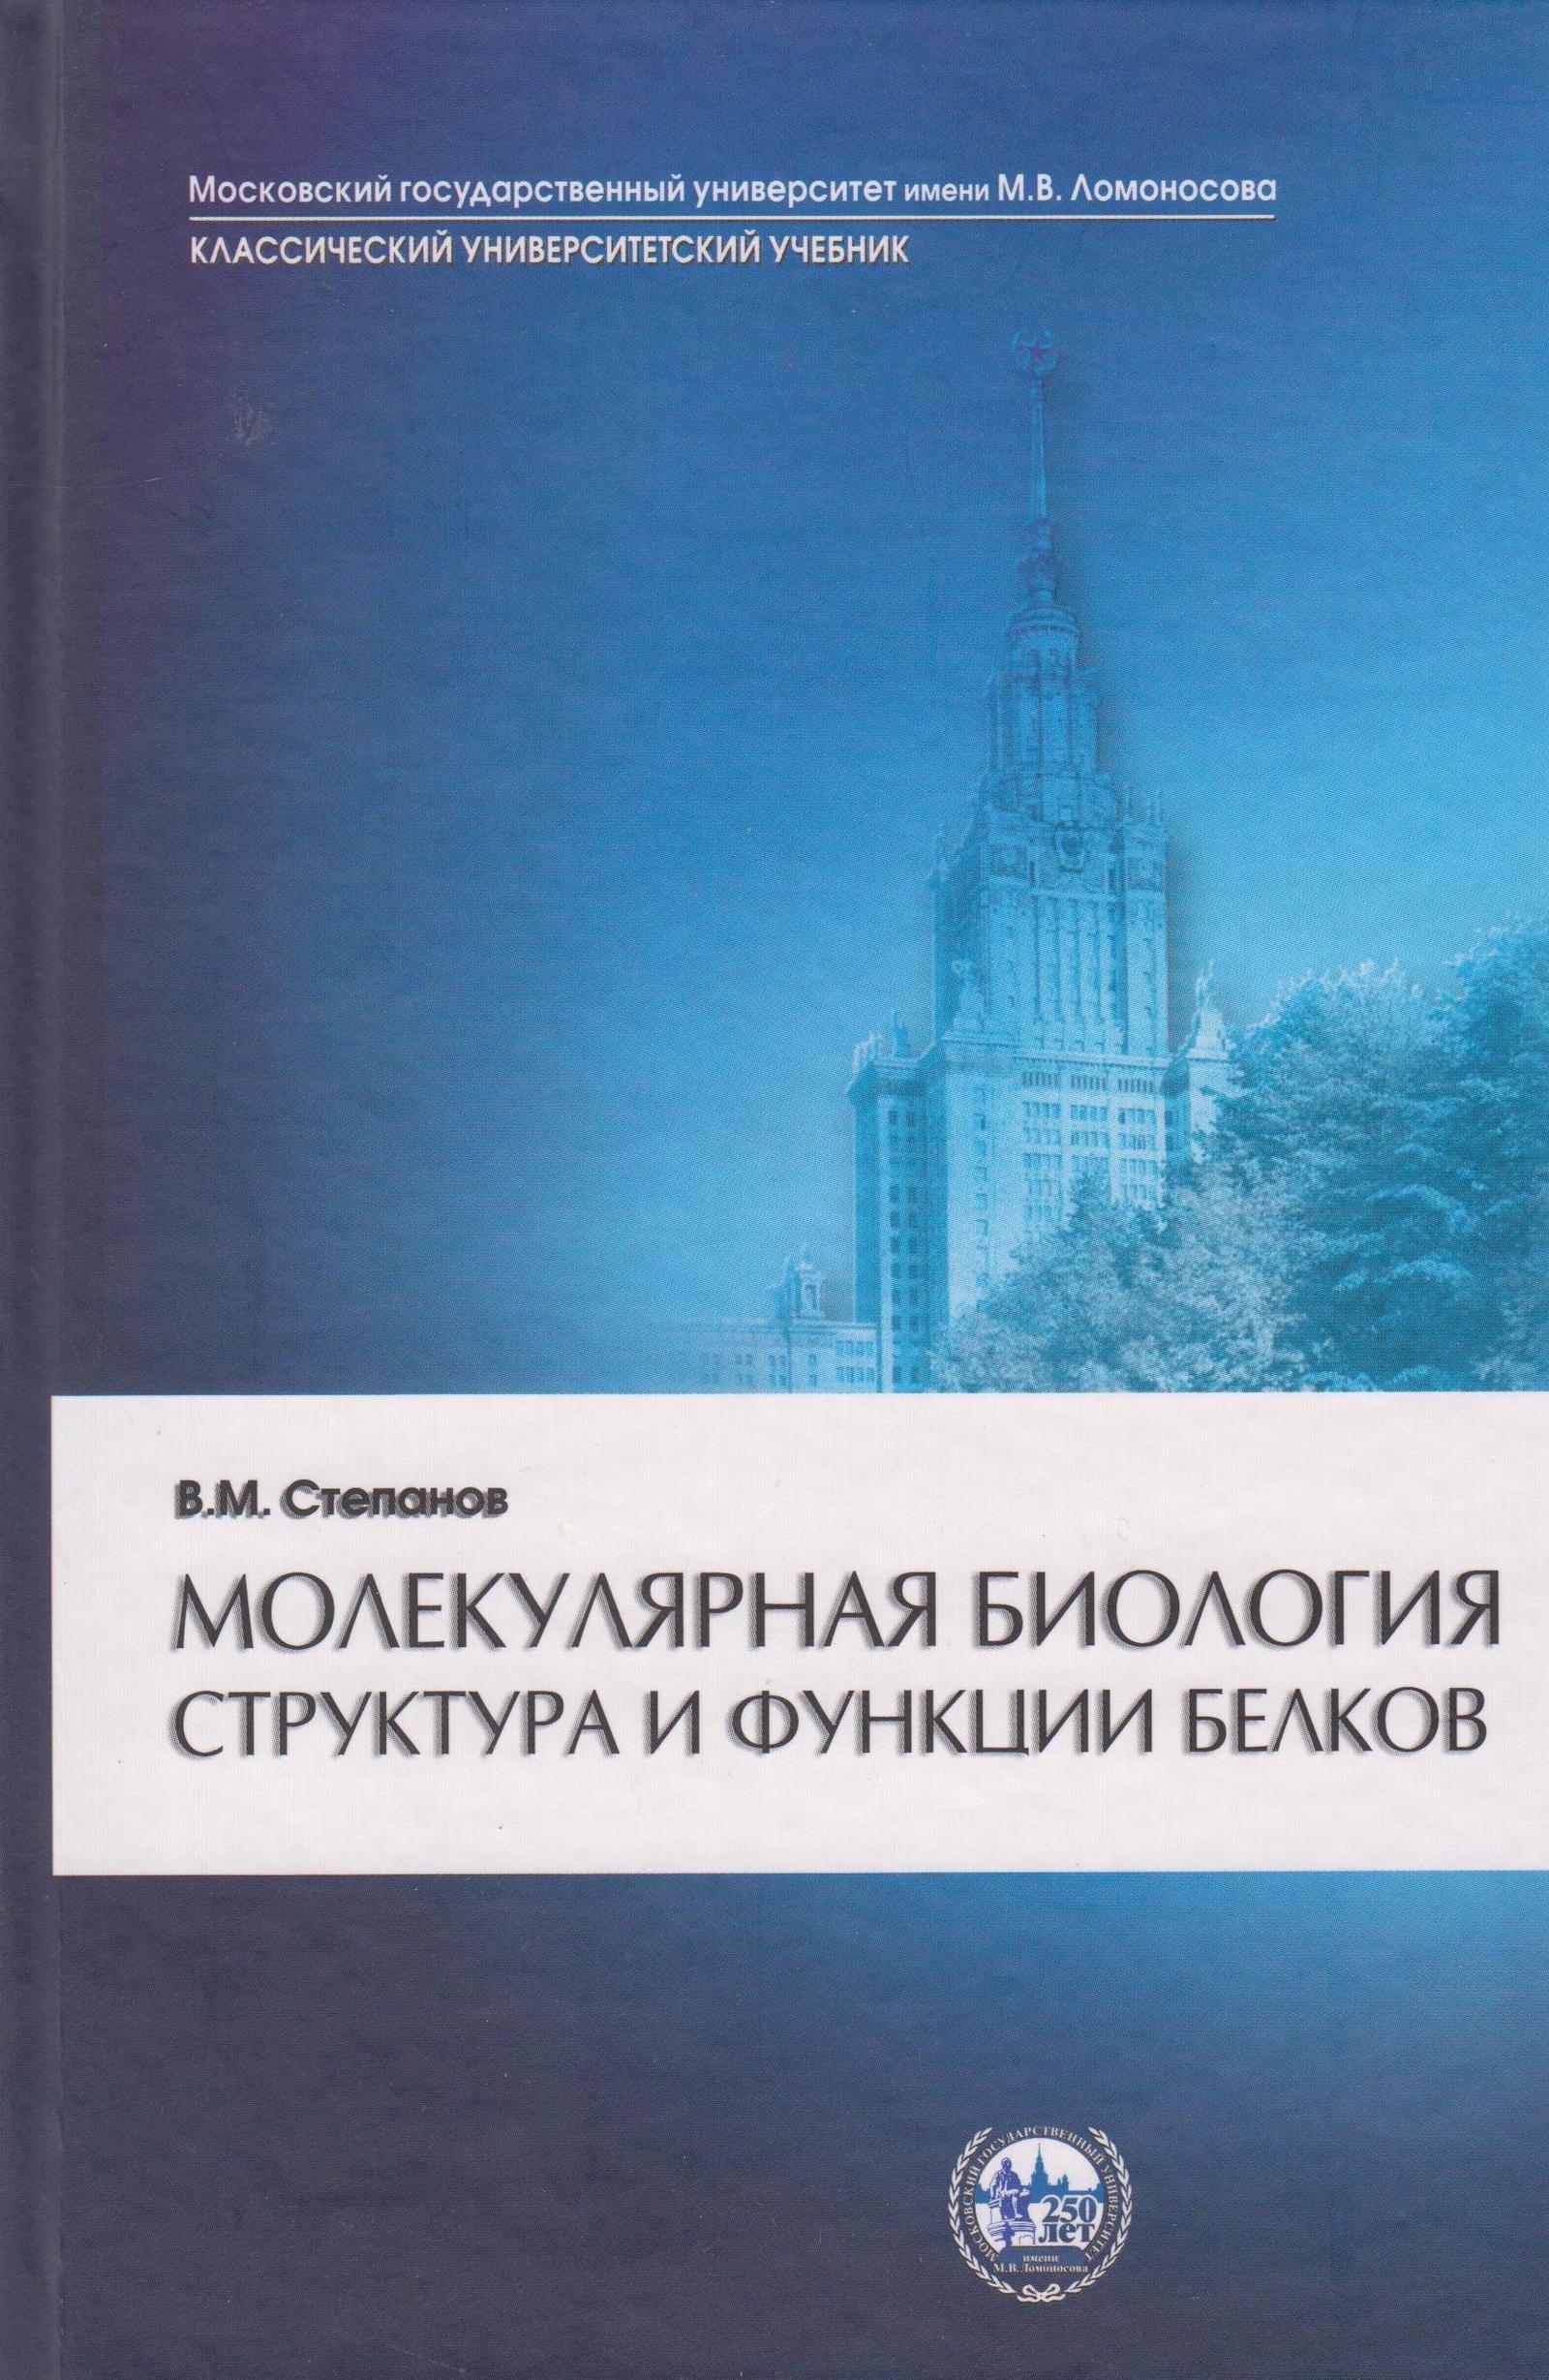 цена на Степанов Валентин Михайлович Молекулярная биология. Структура и функции белков